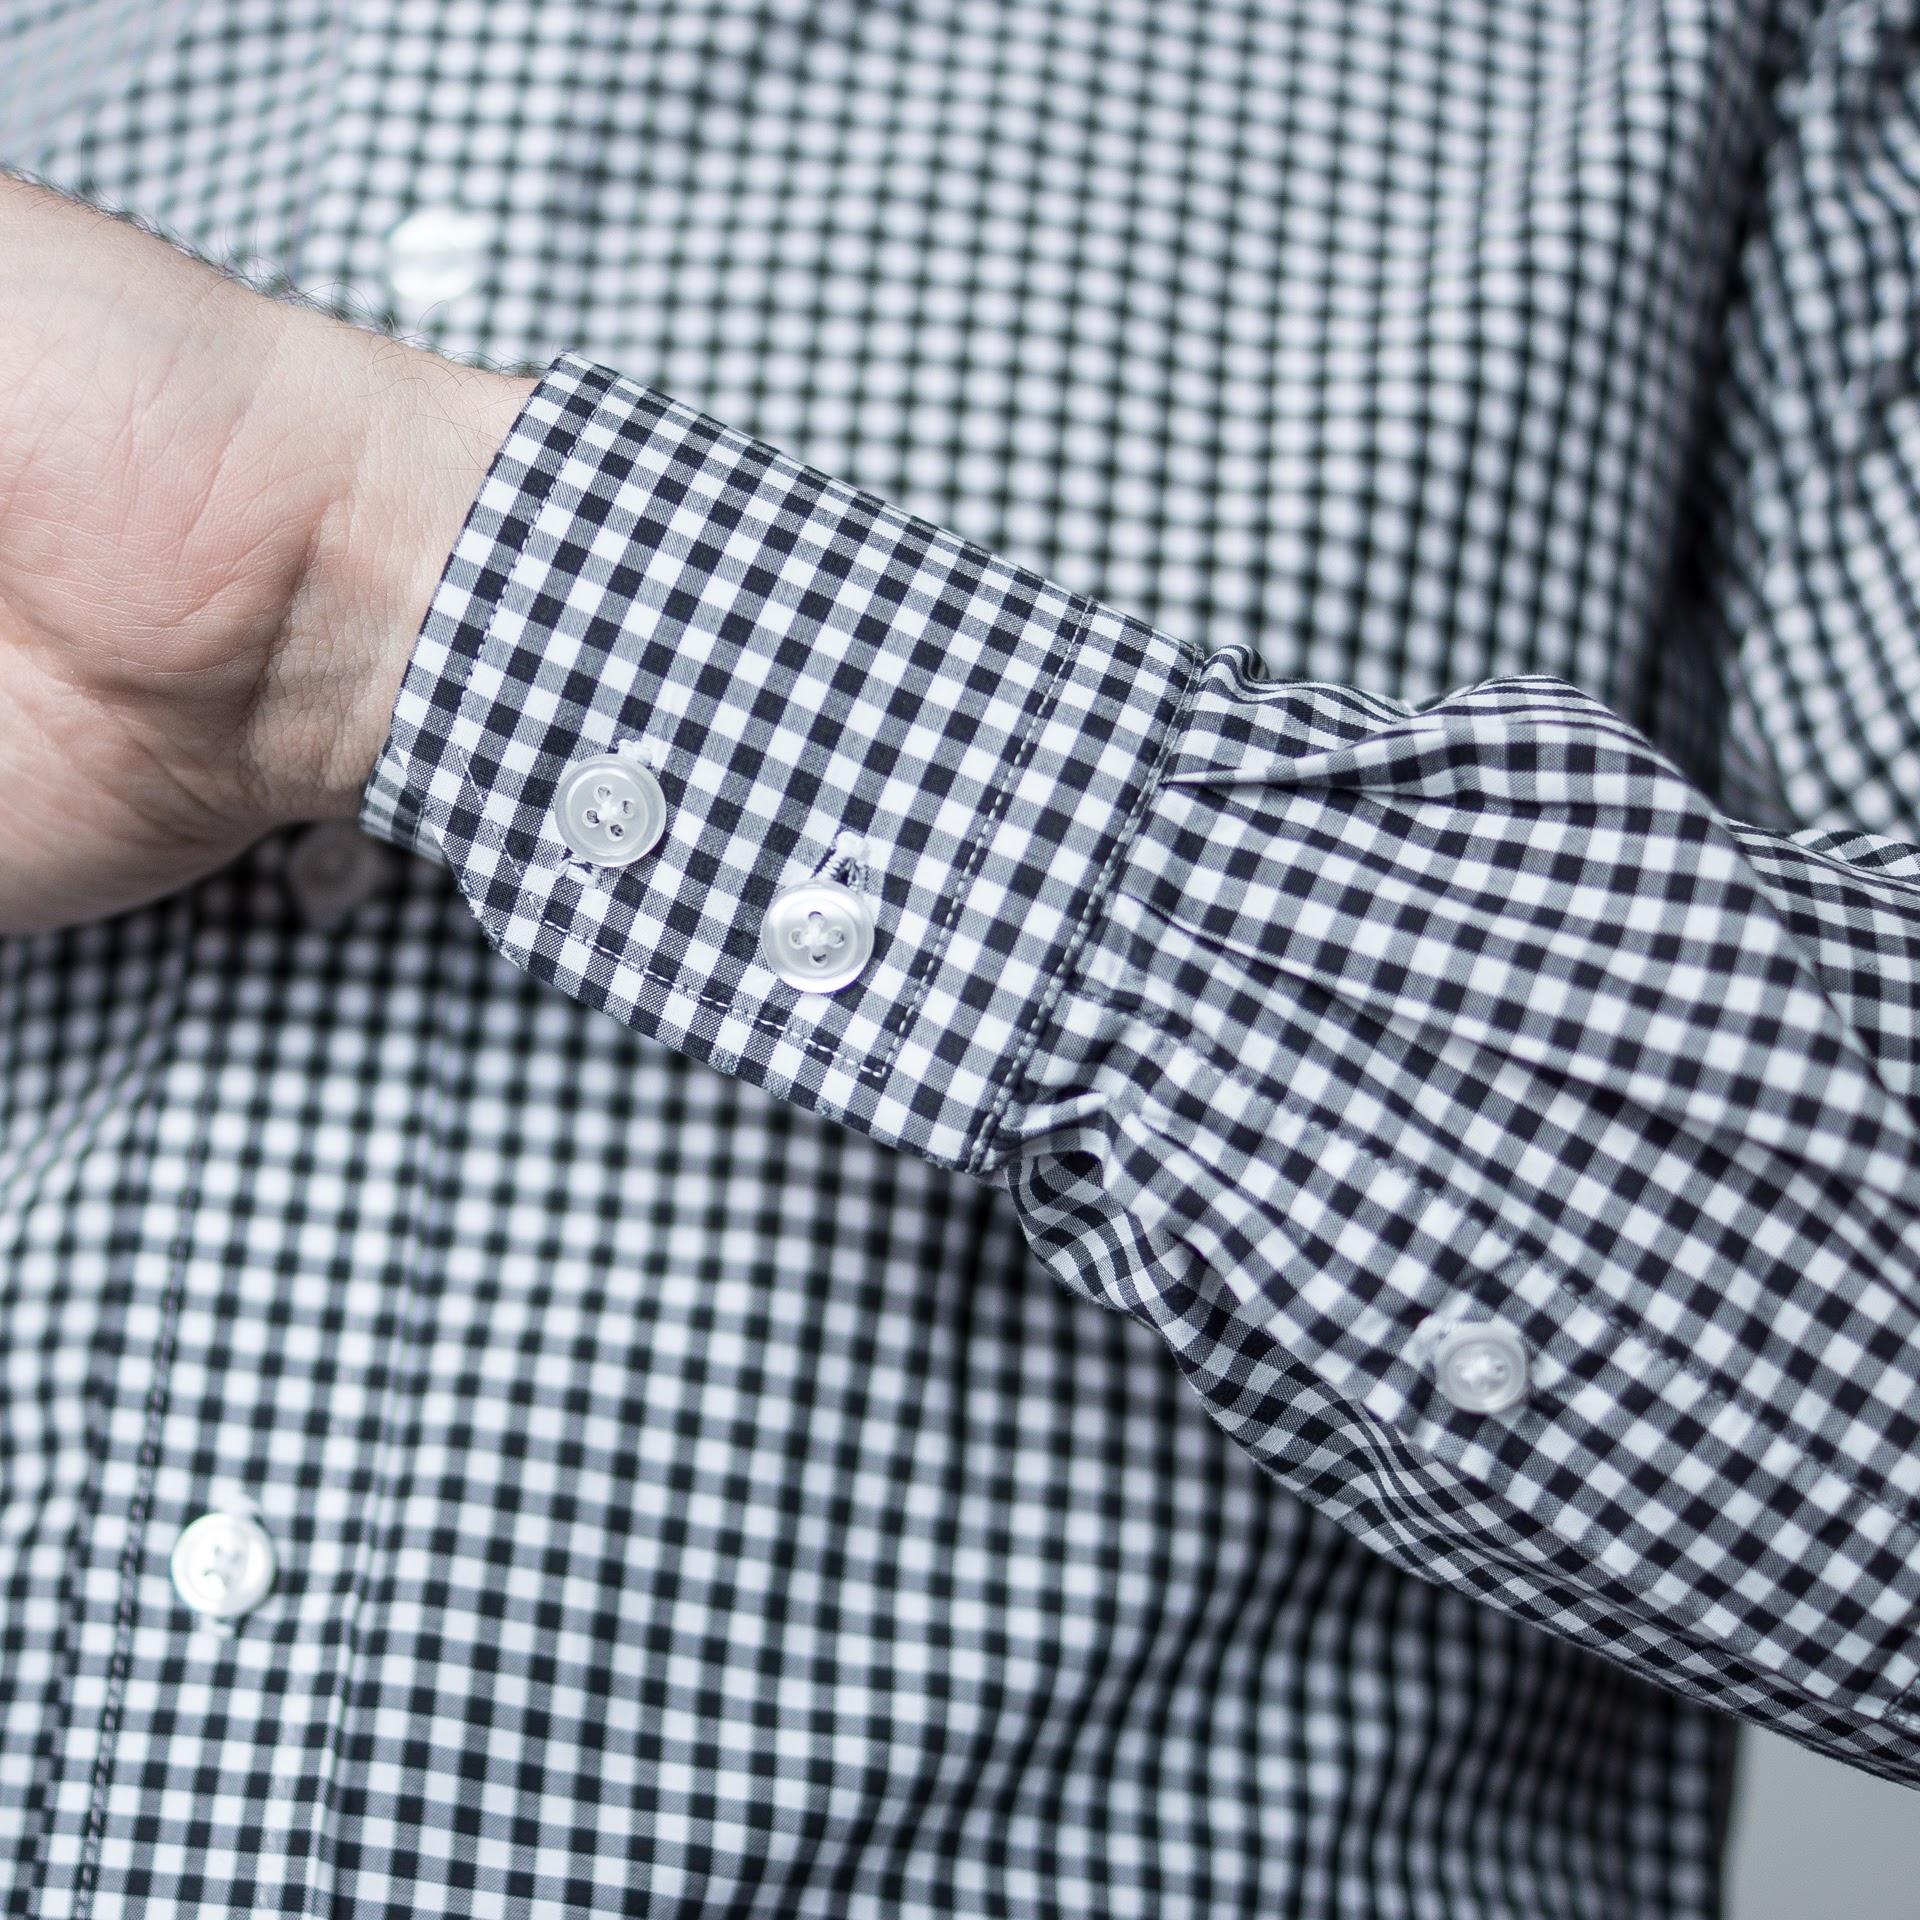 Normales hemd an manschettenknöpfe Was sind